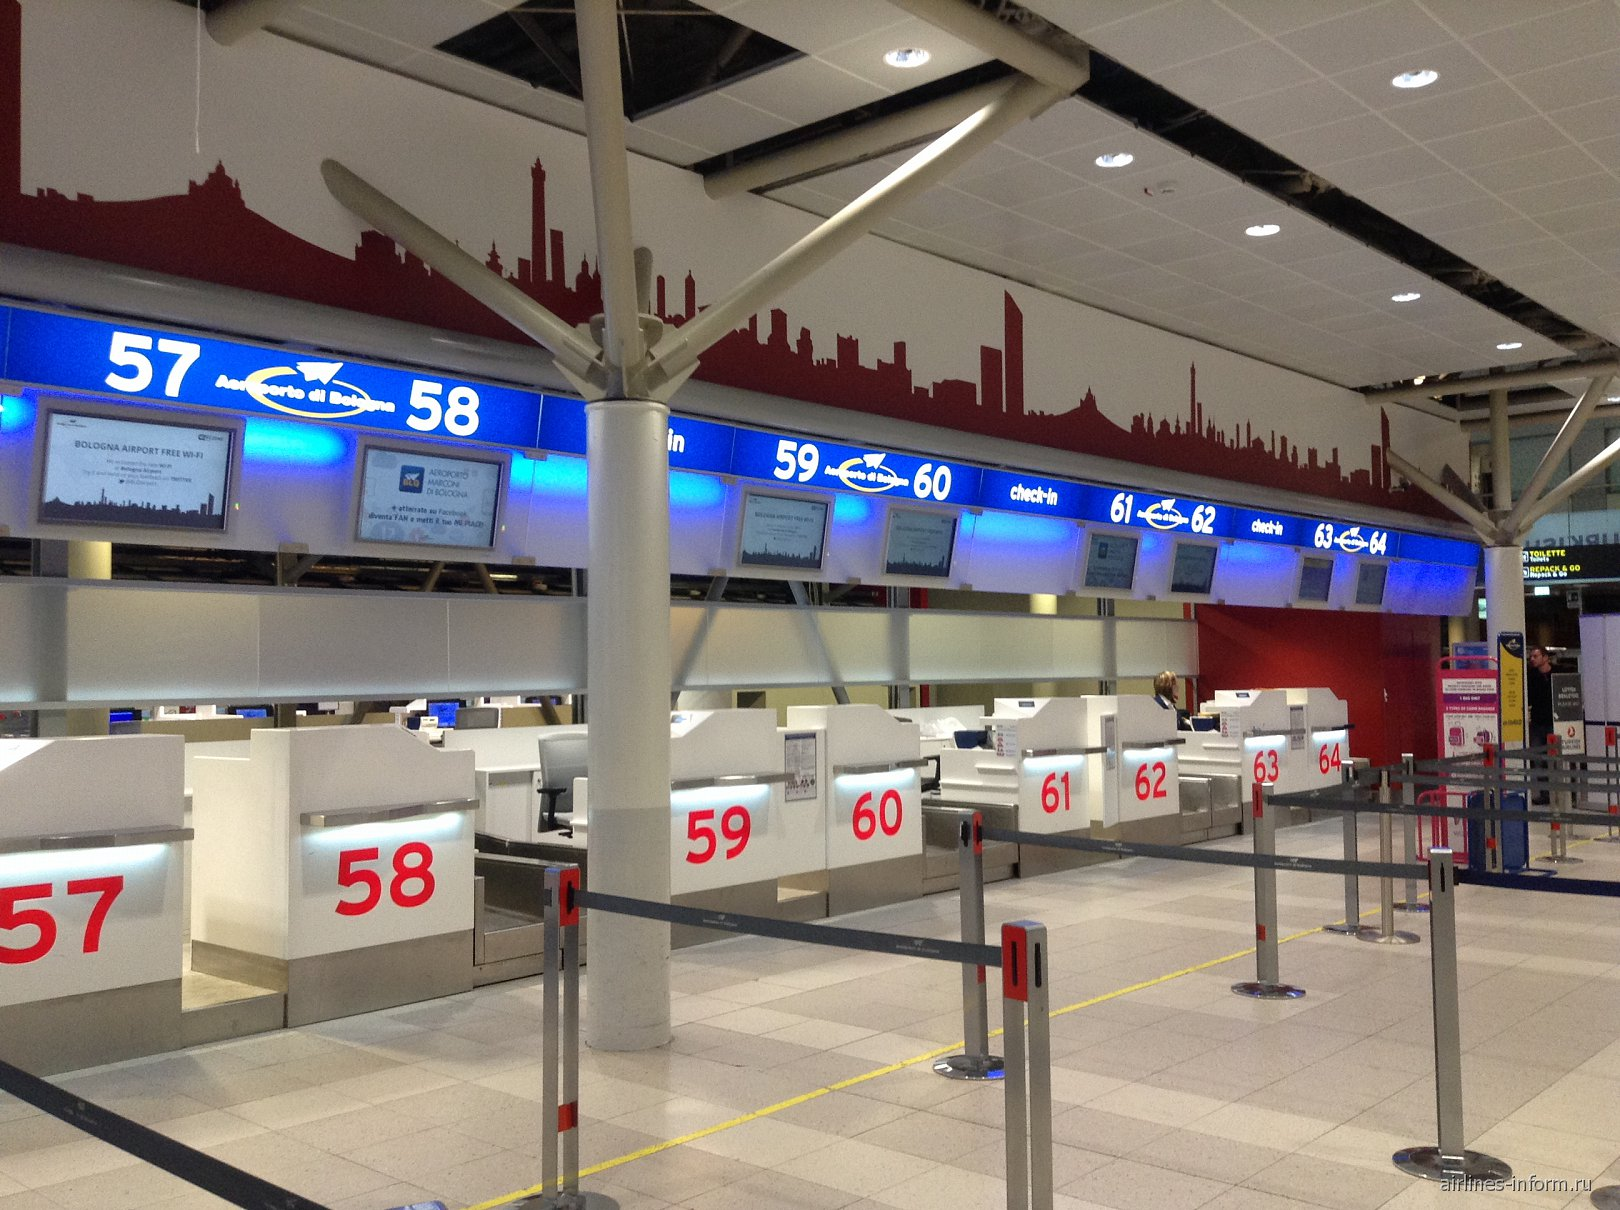 Стойки регистрации в аэропорту Болонья Гульельмо Маркони